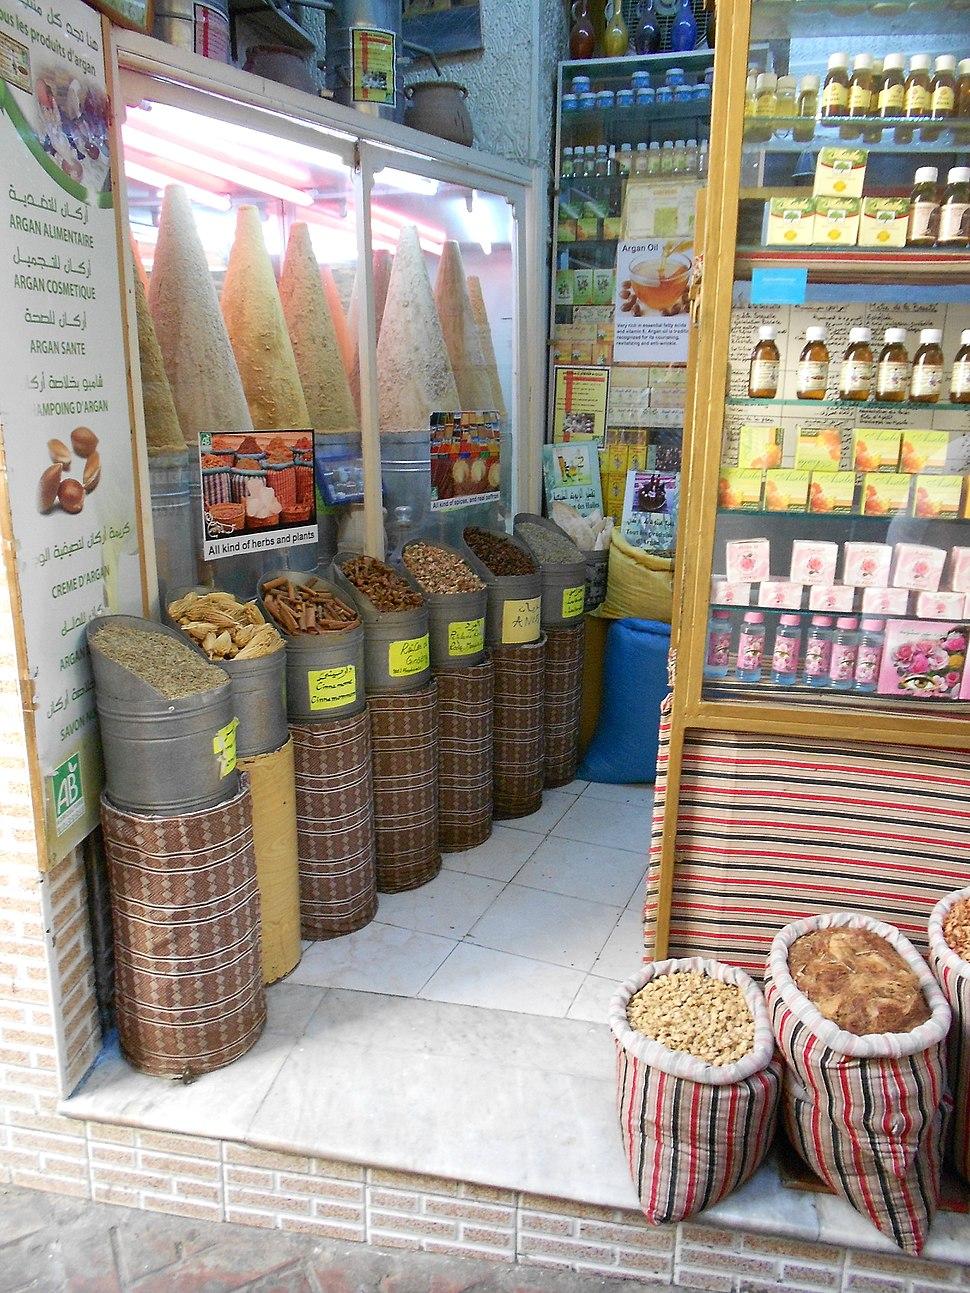 Gew%C3%BCrzladen in der Medina von Tanger